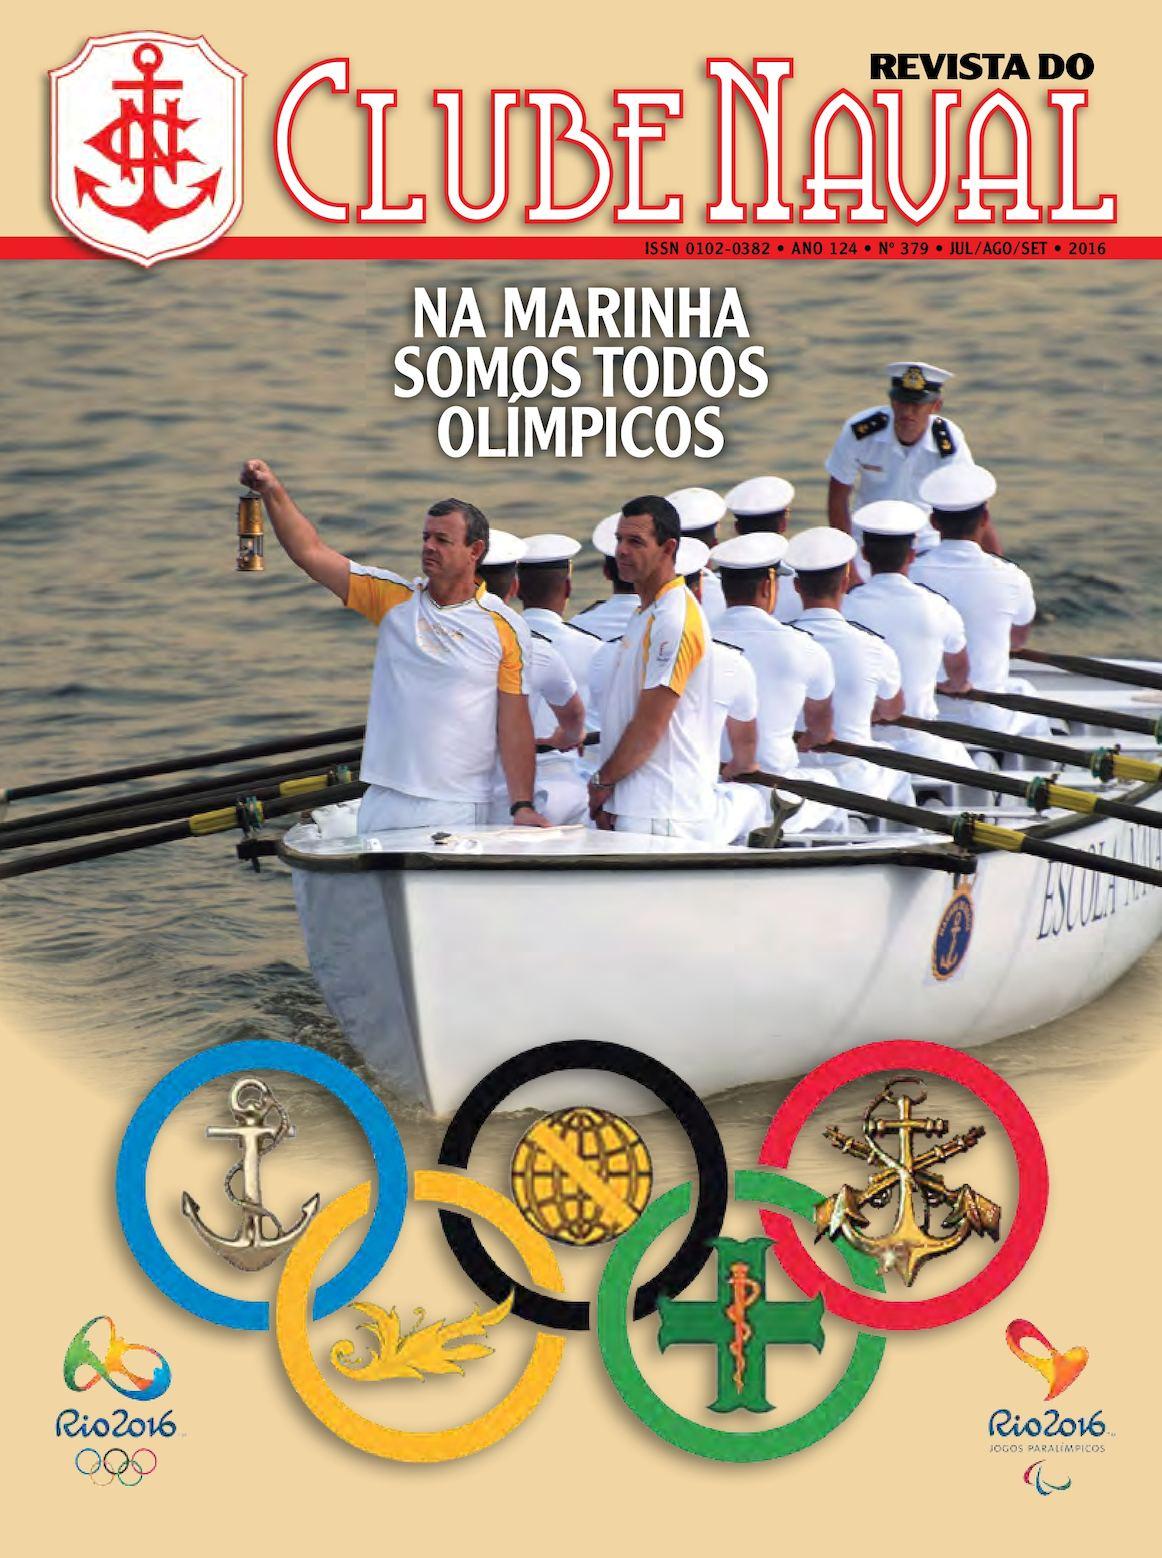 768045ea7 Calaméo - Revista do Clube Naval Nº 379